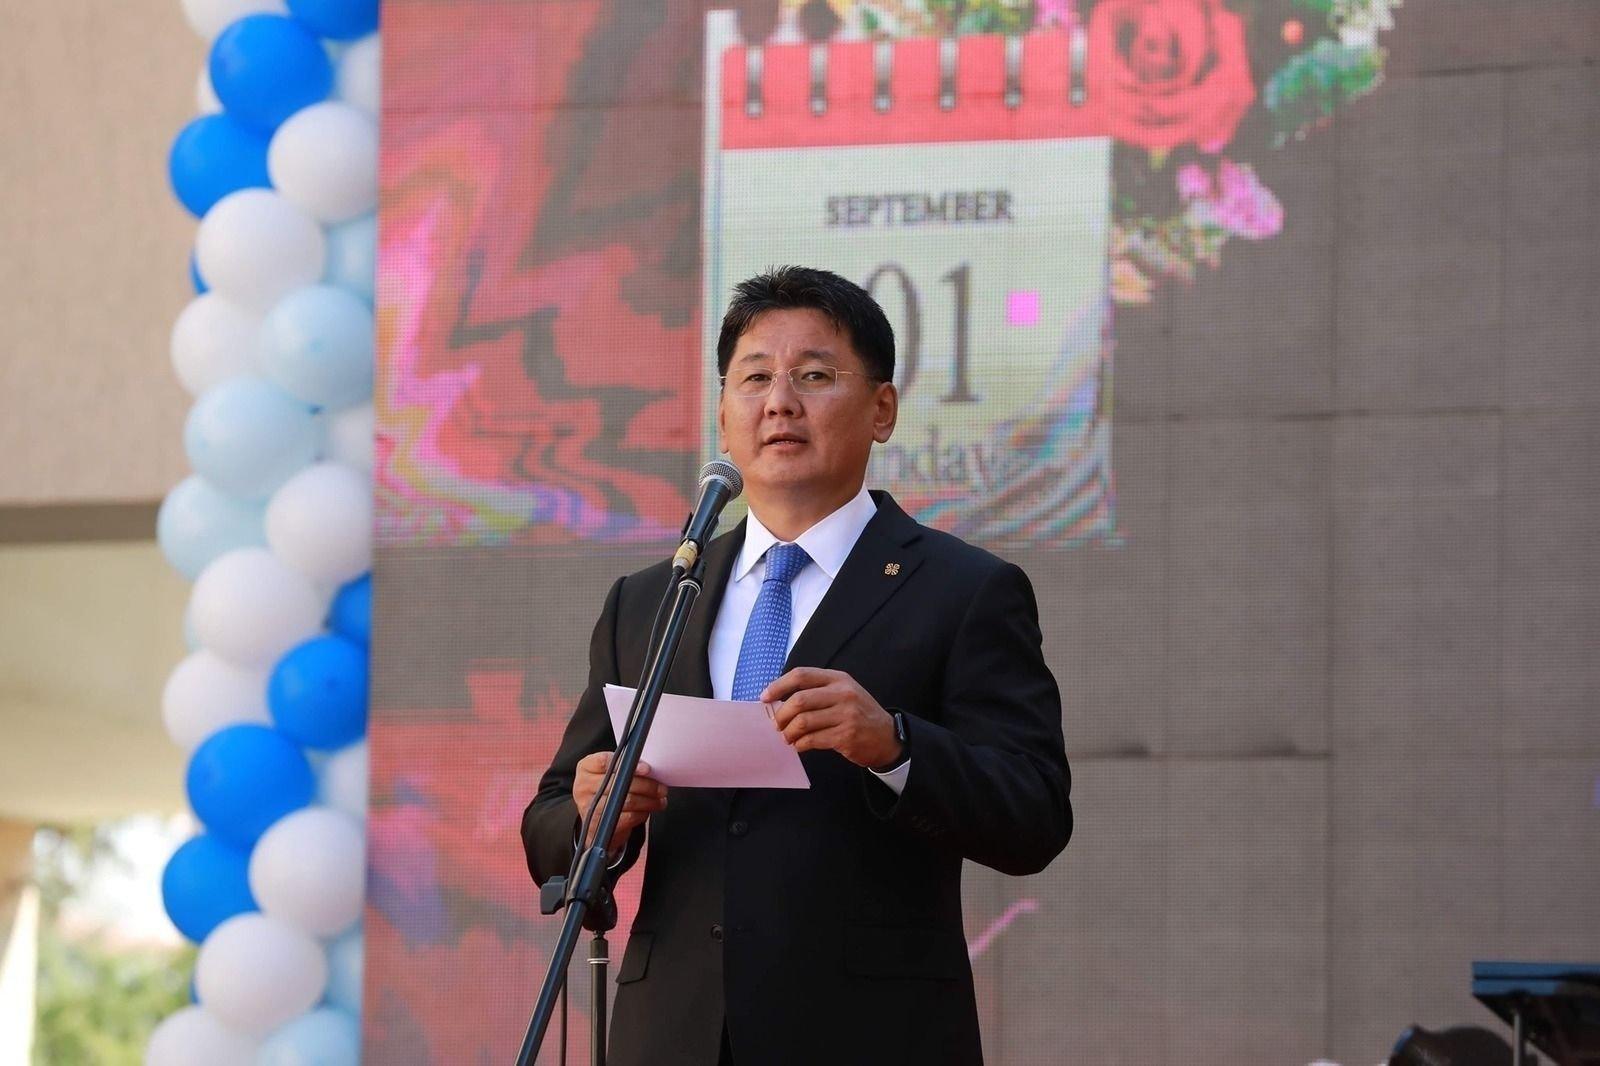 У.Хүрэлсүх: Ард түмнээ соён гэгээрүүлэх үйлсэд Монгол Улсын Консерваторийн оруулах хувь нэмэр, үүрэг чухал